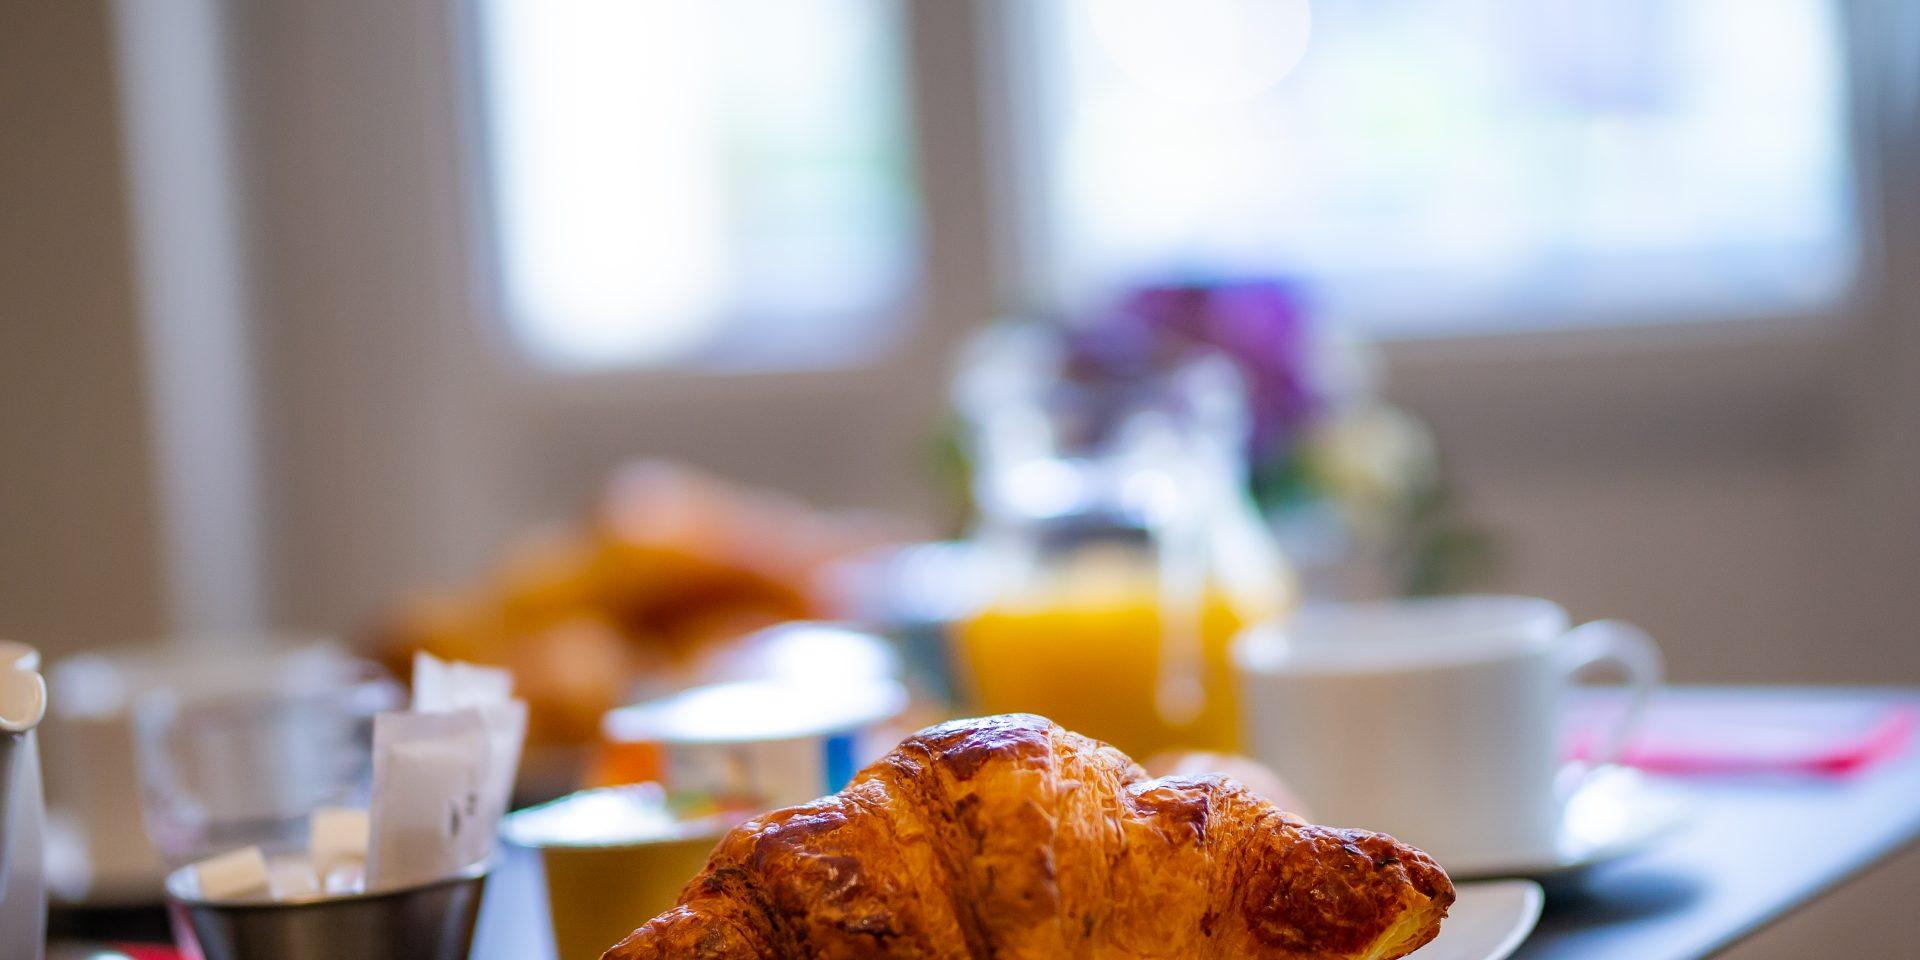 Nous proposons un petit déjeuner à la Française servi à table avec une boisson chaude, jus d'orange, croissant, 1/2 baguette tradition, yaourt, compote, beurre, confiture, nutella, céréales, fruits